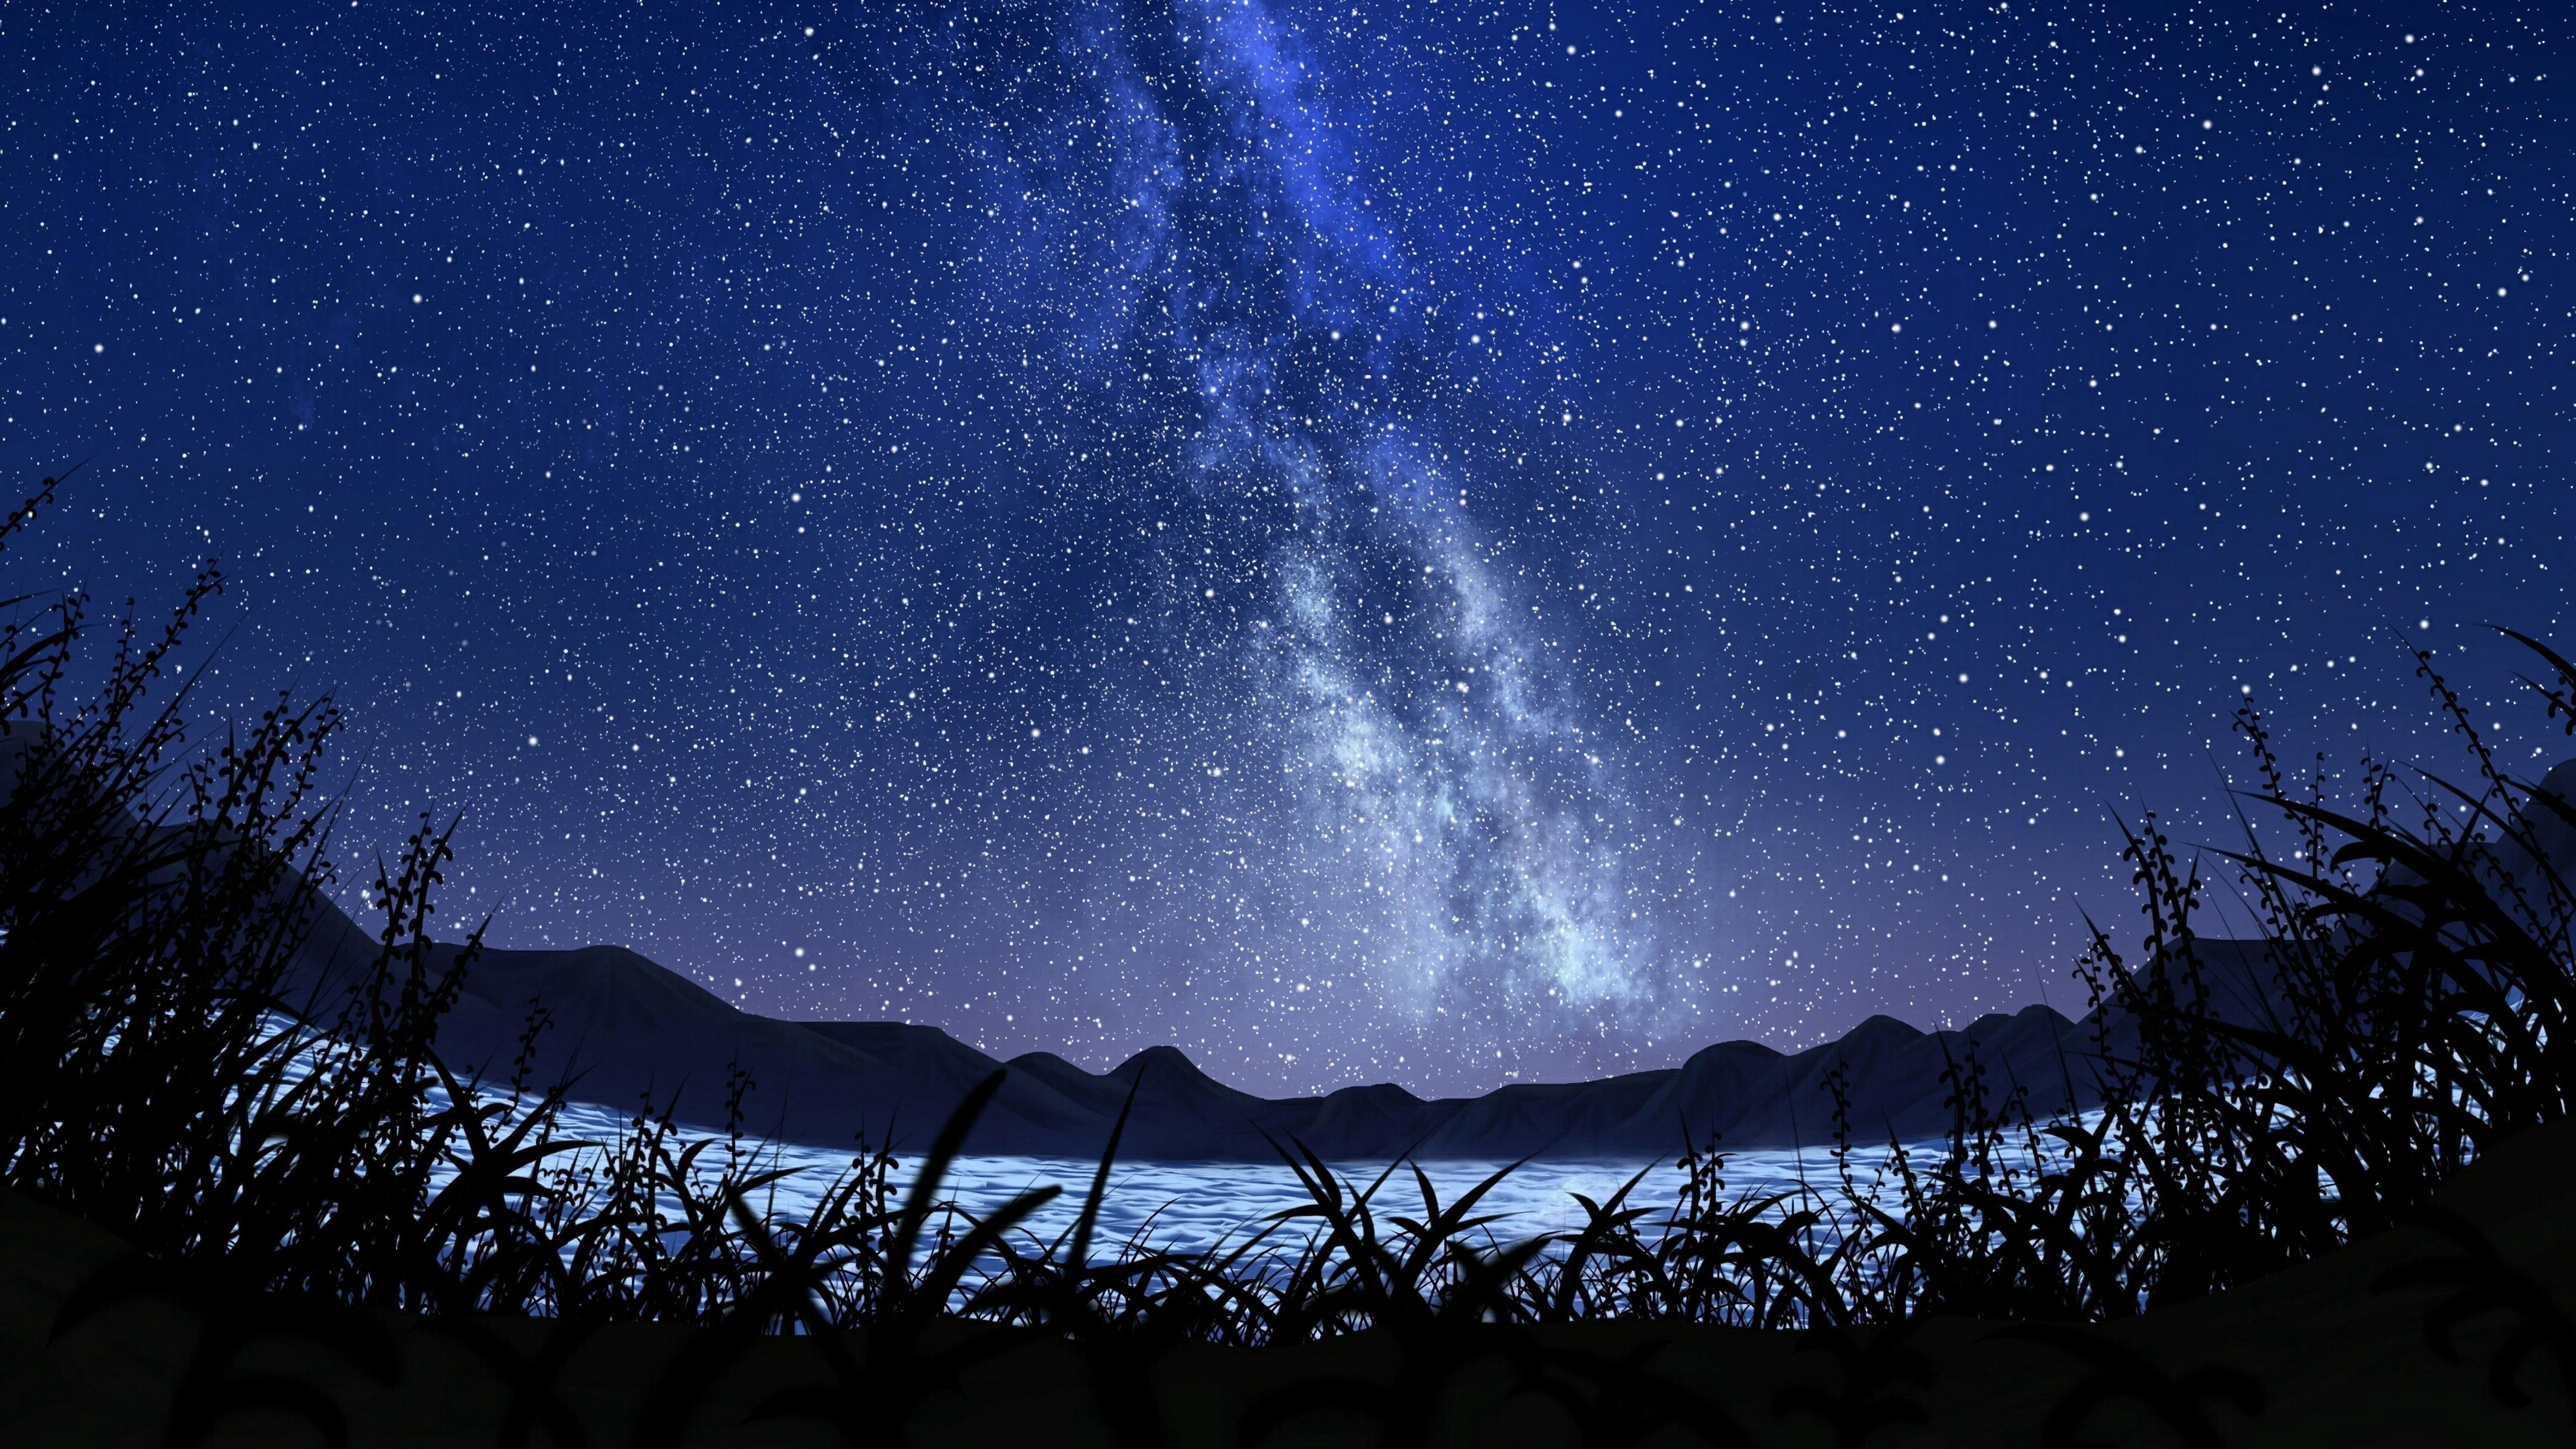 Млечный Путь звездное небо пейзаж обои скачать